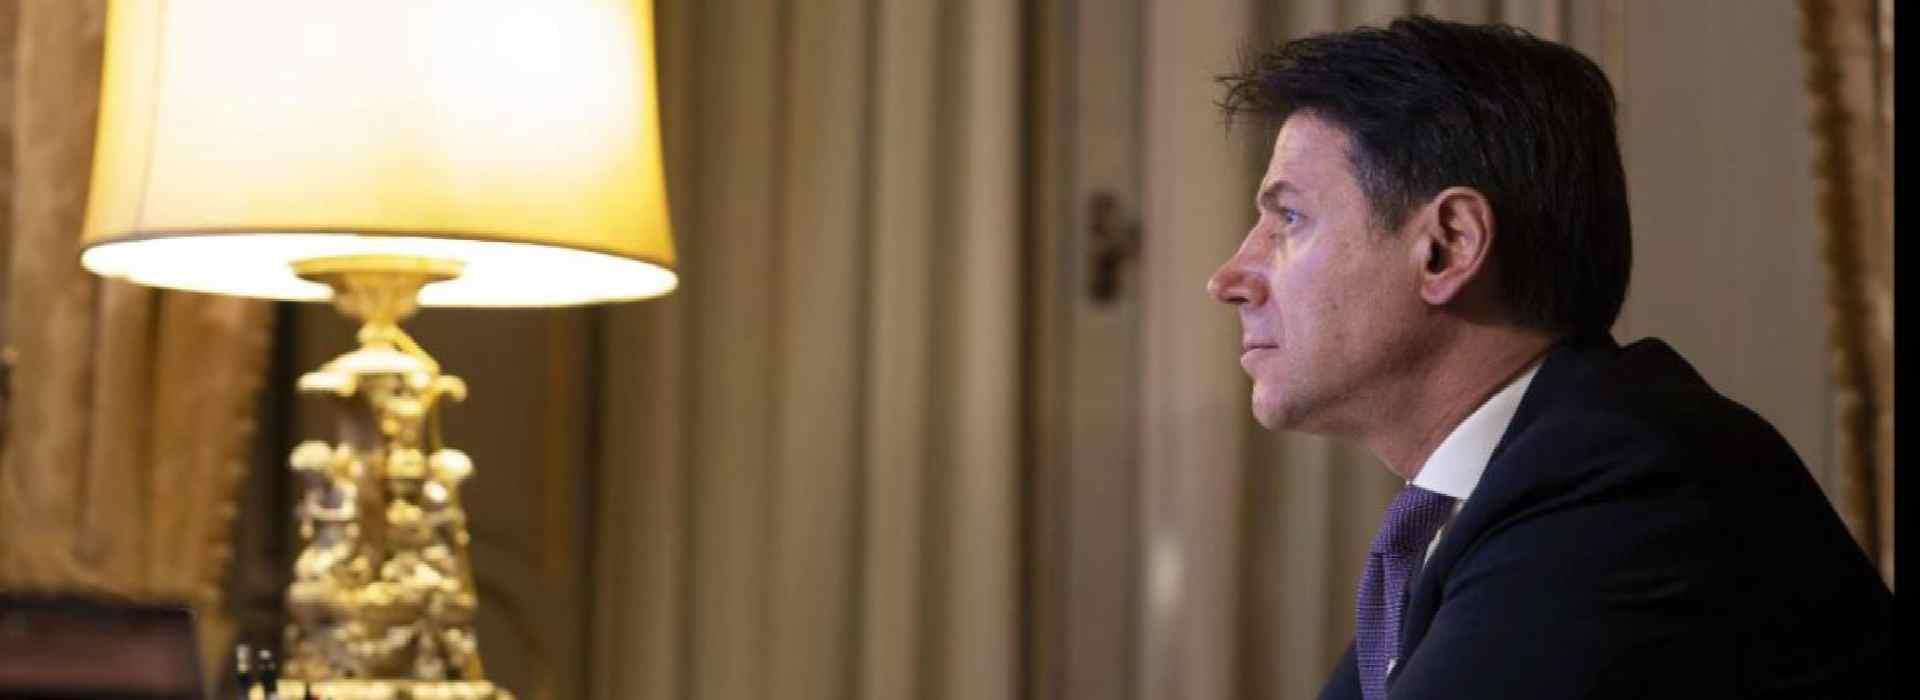 Giuseppe Conte si dimette e sale al Colle